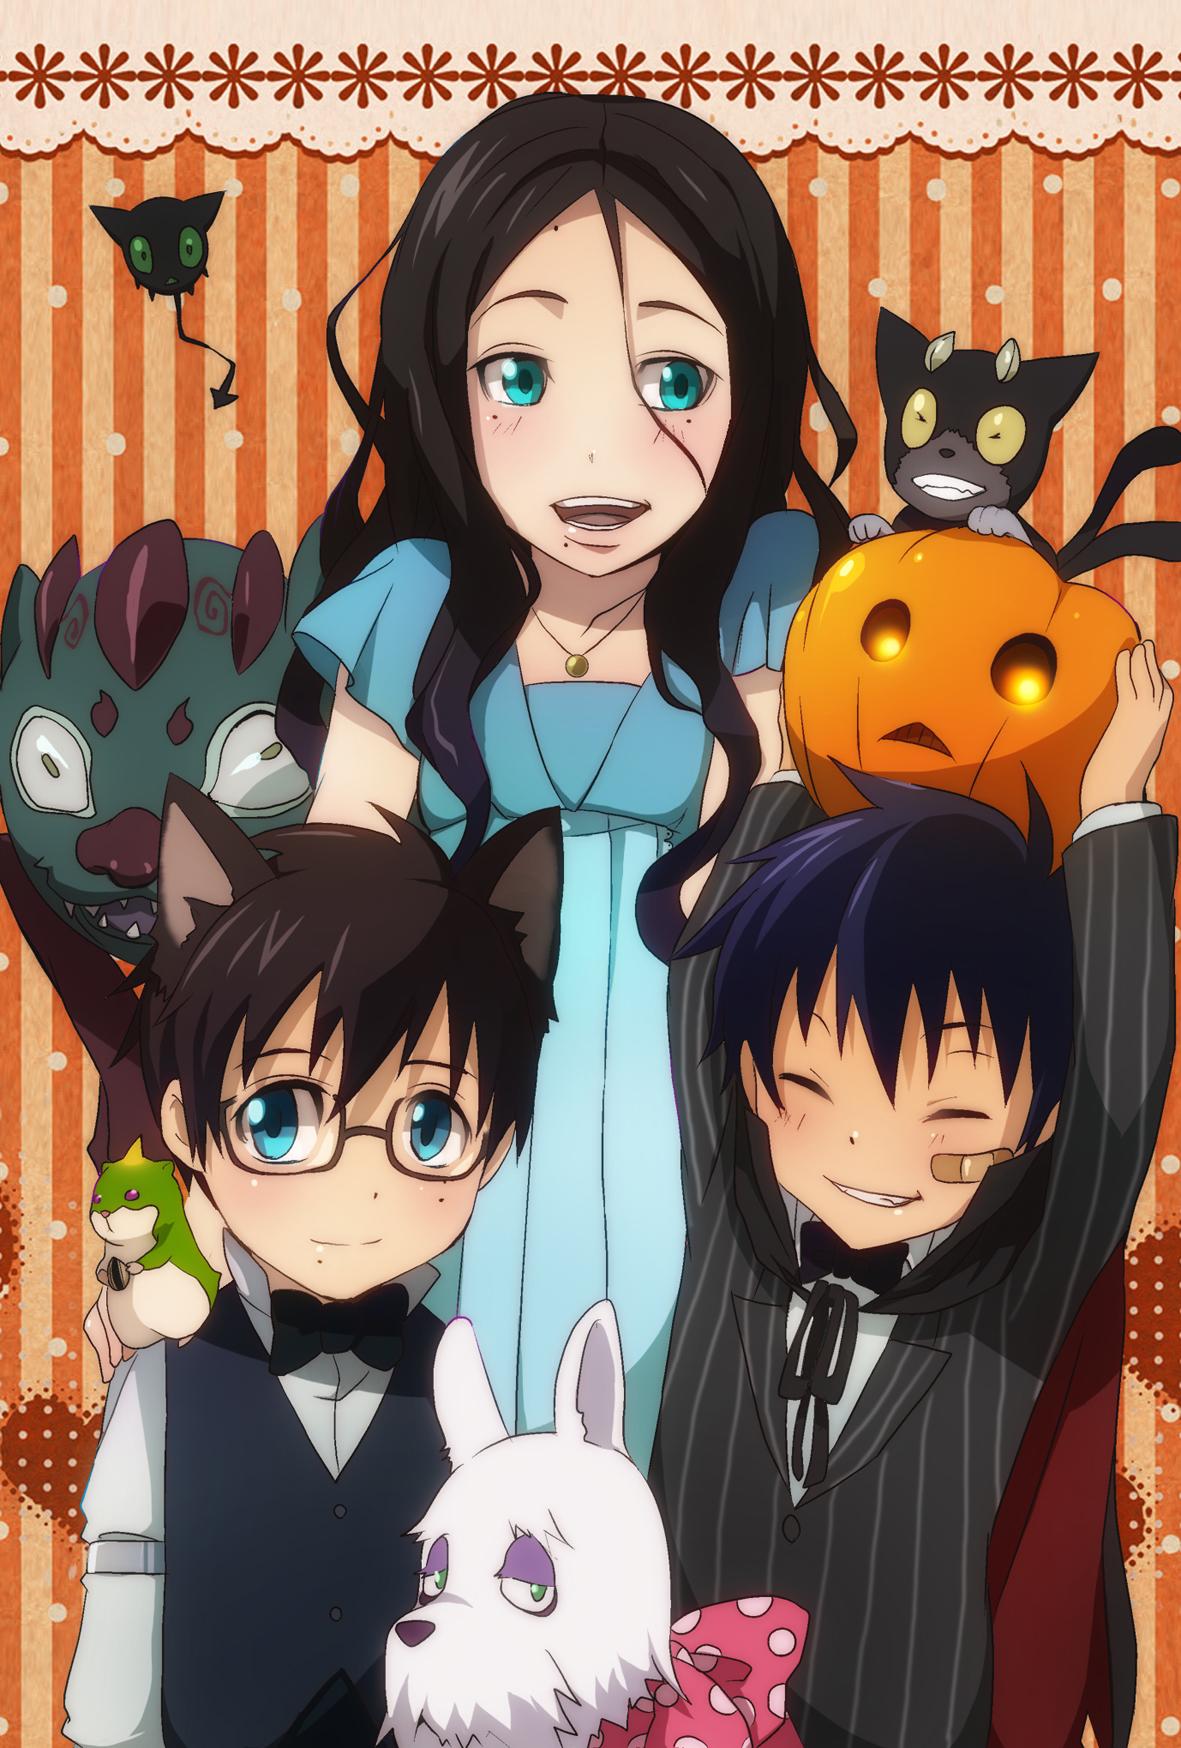 Halloween White Haired Anime Girl Wallpaper Halloween Image Pack